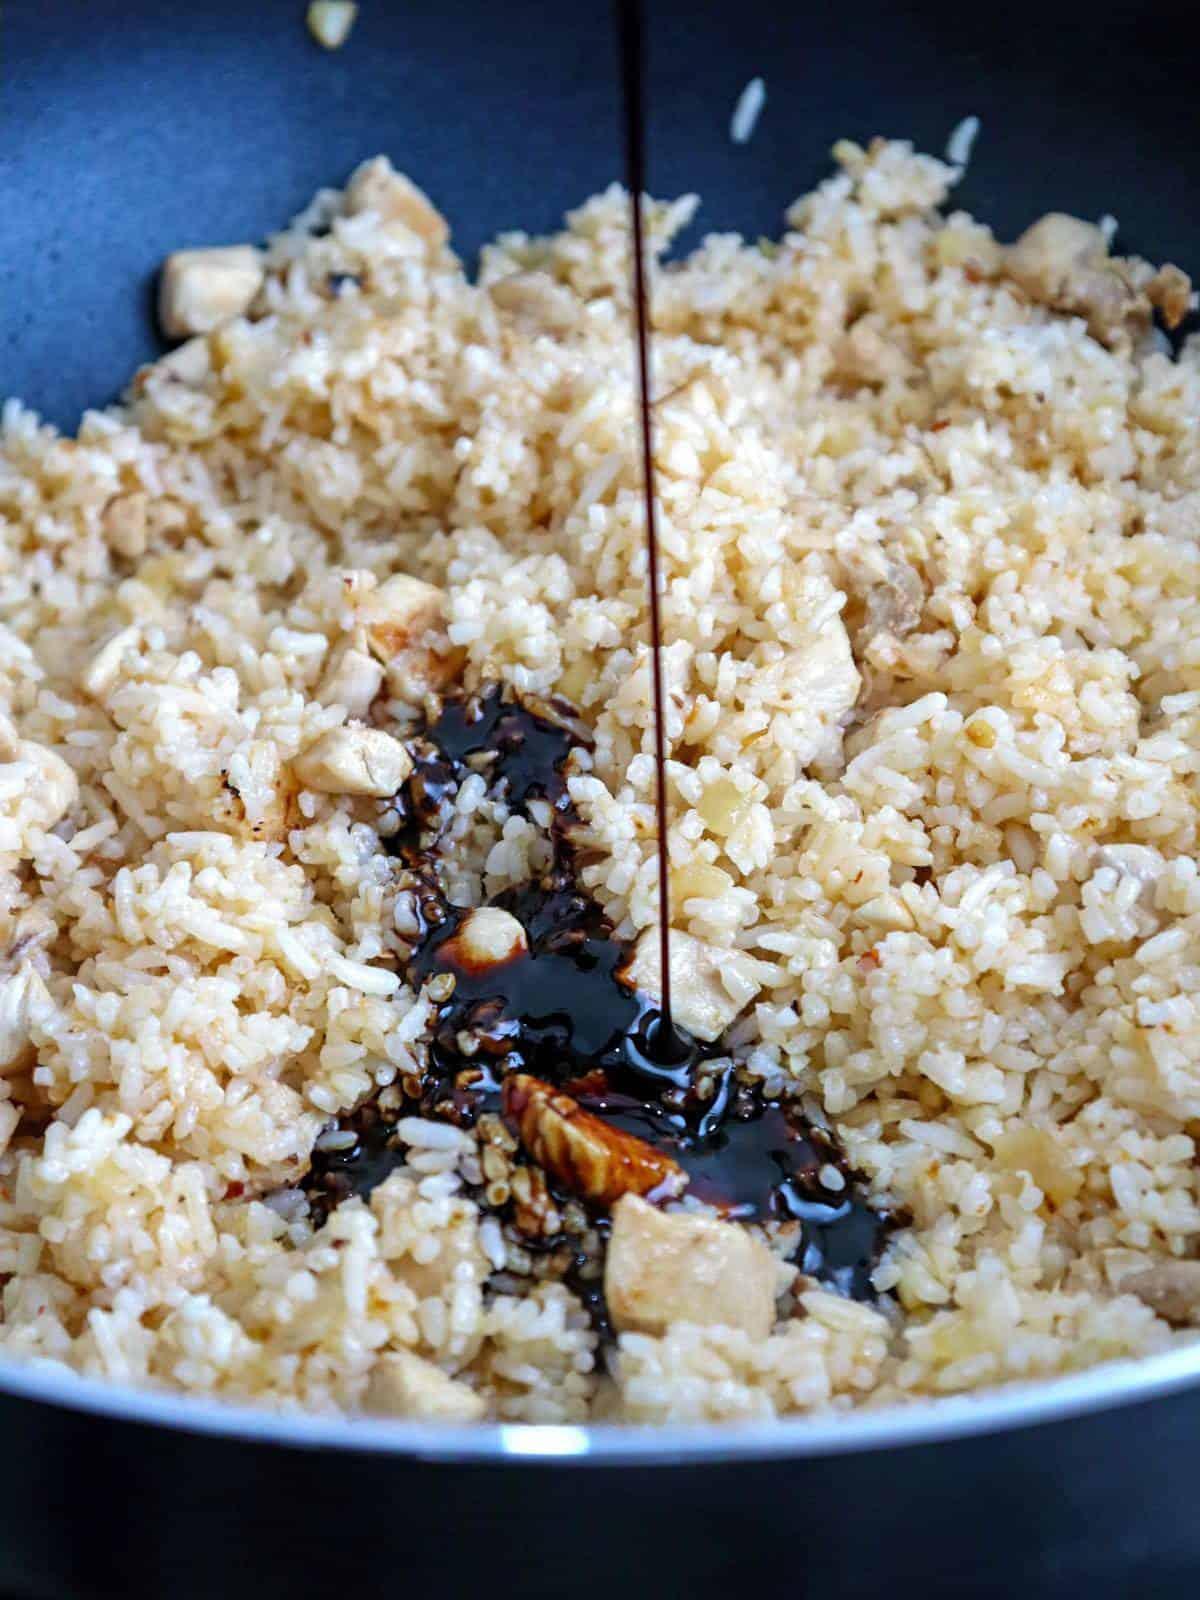 adding kecap manis to fried rice in a pan